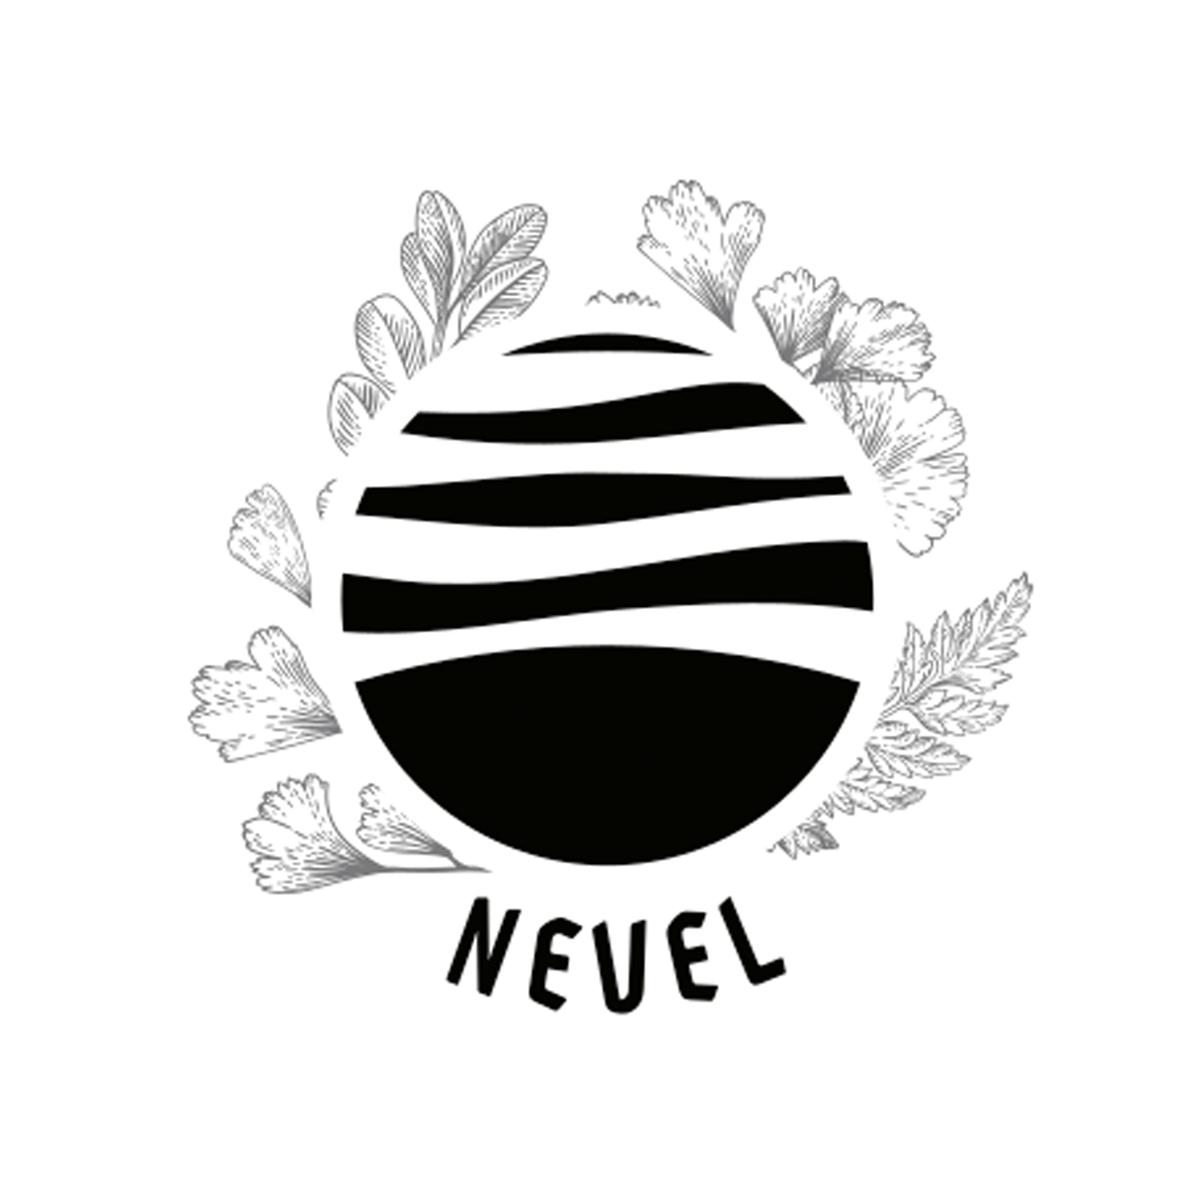 Nevel Wild Ales